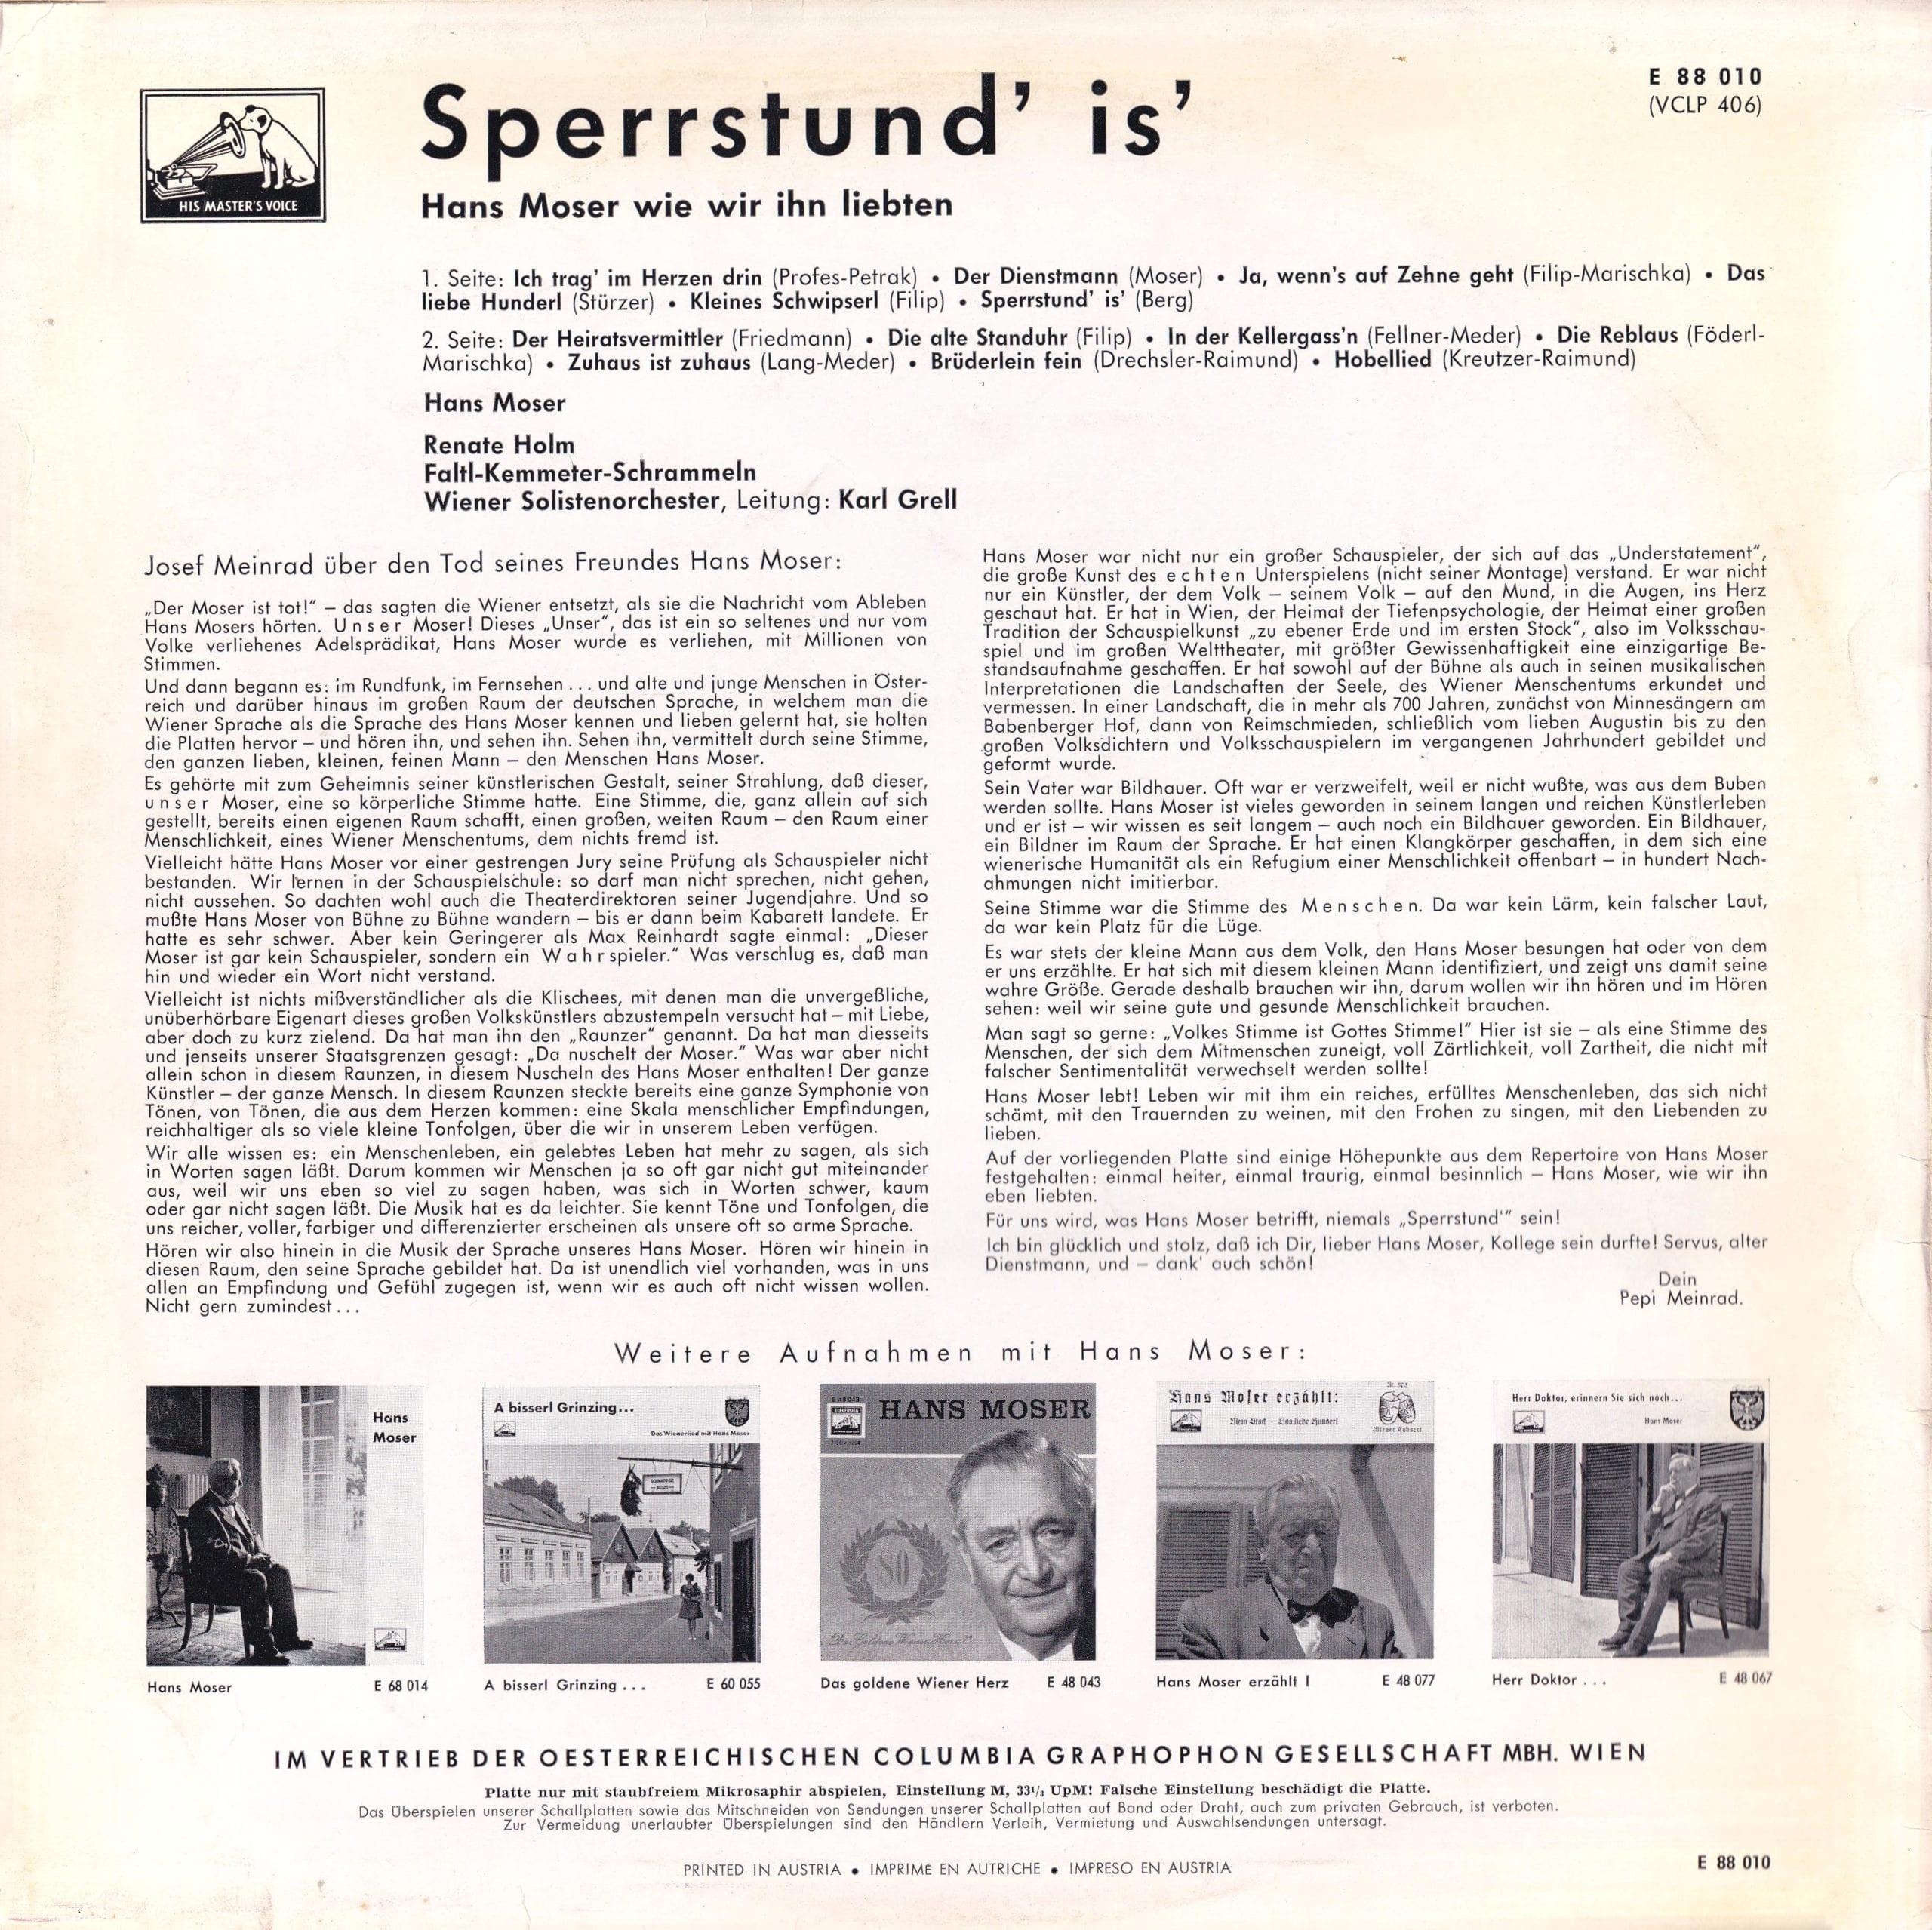 Sperrstund is II